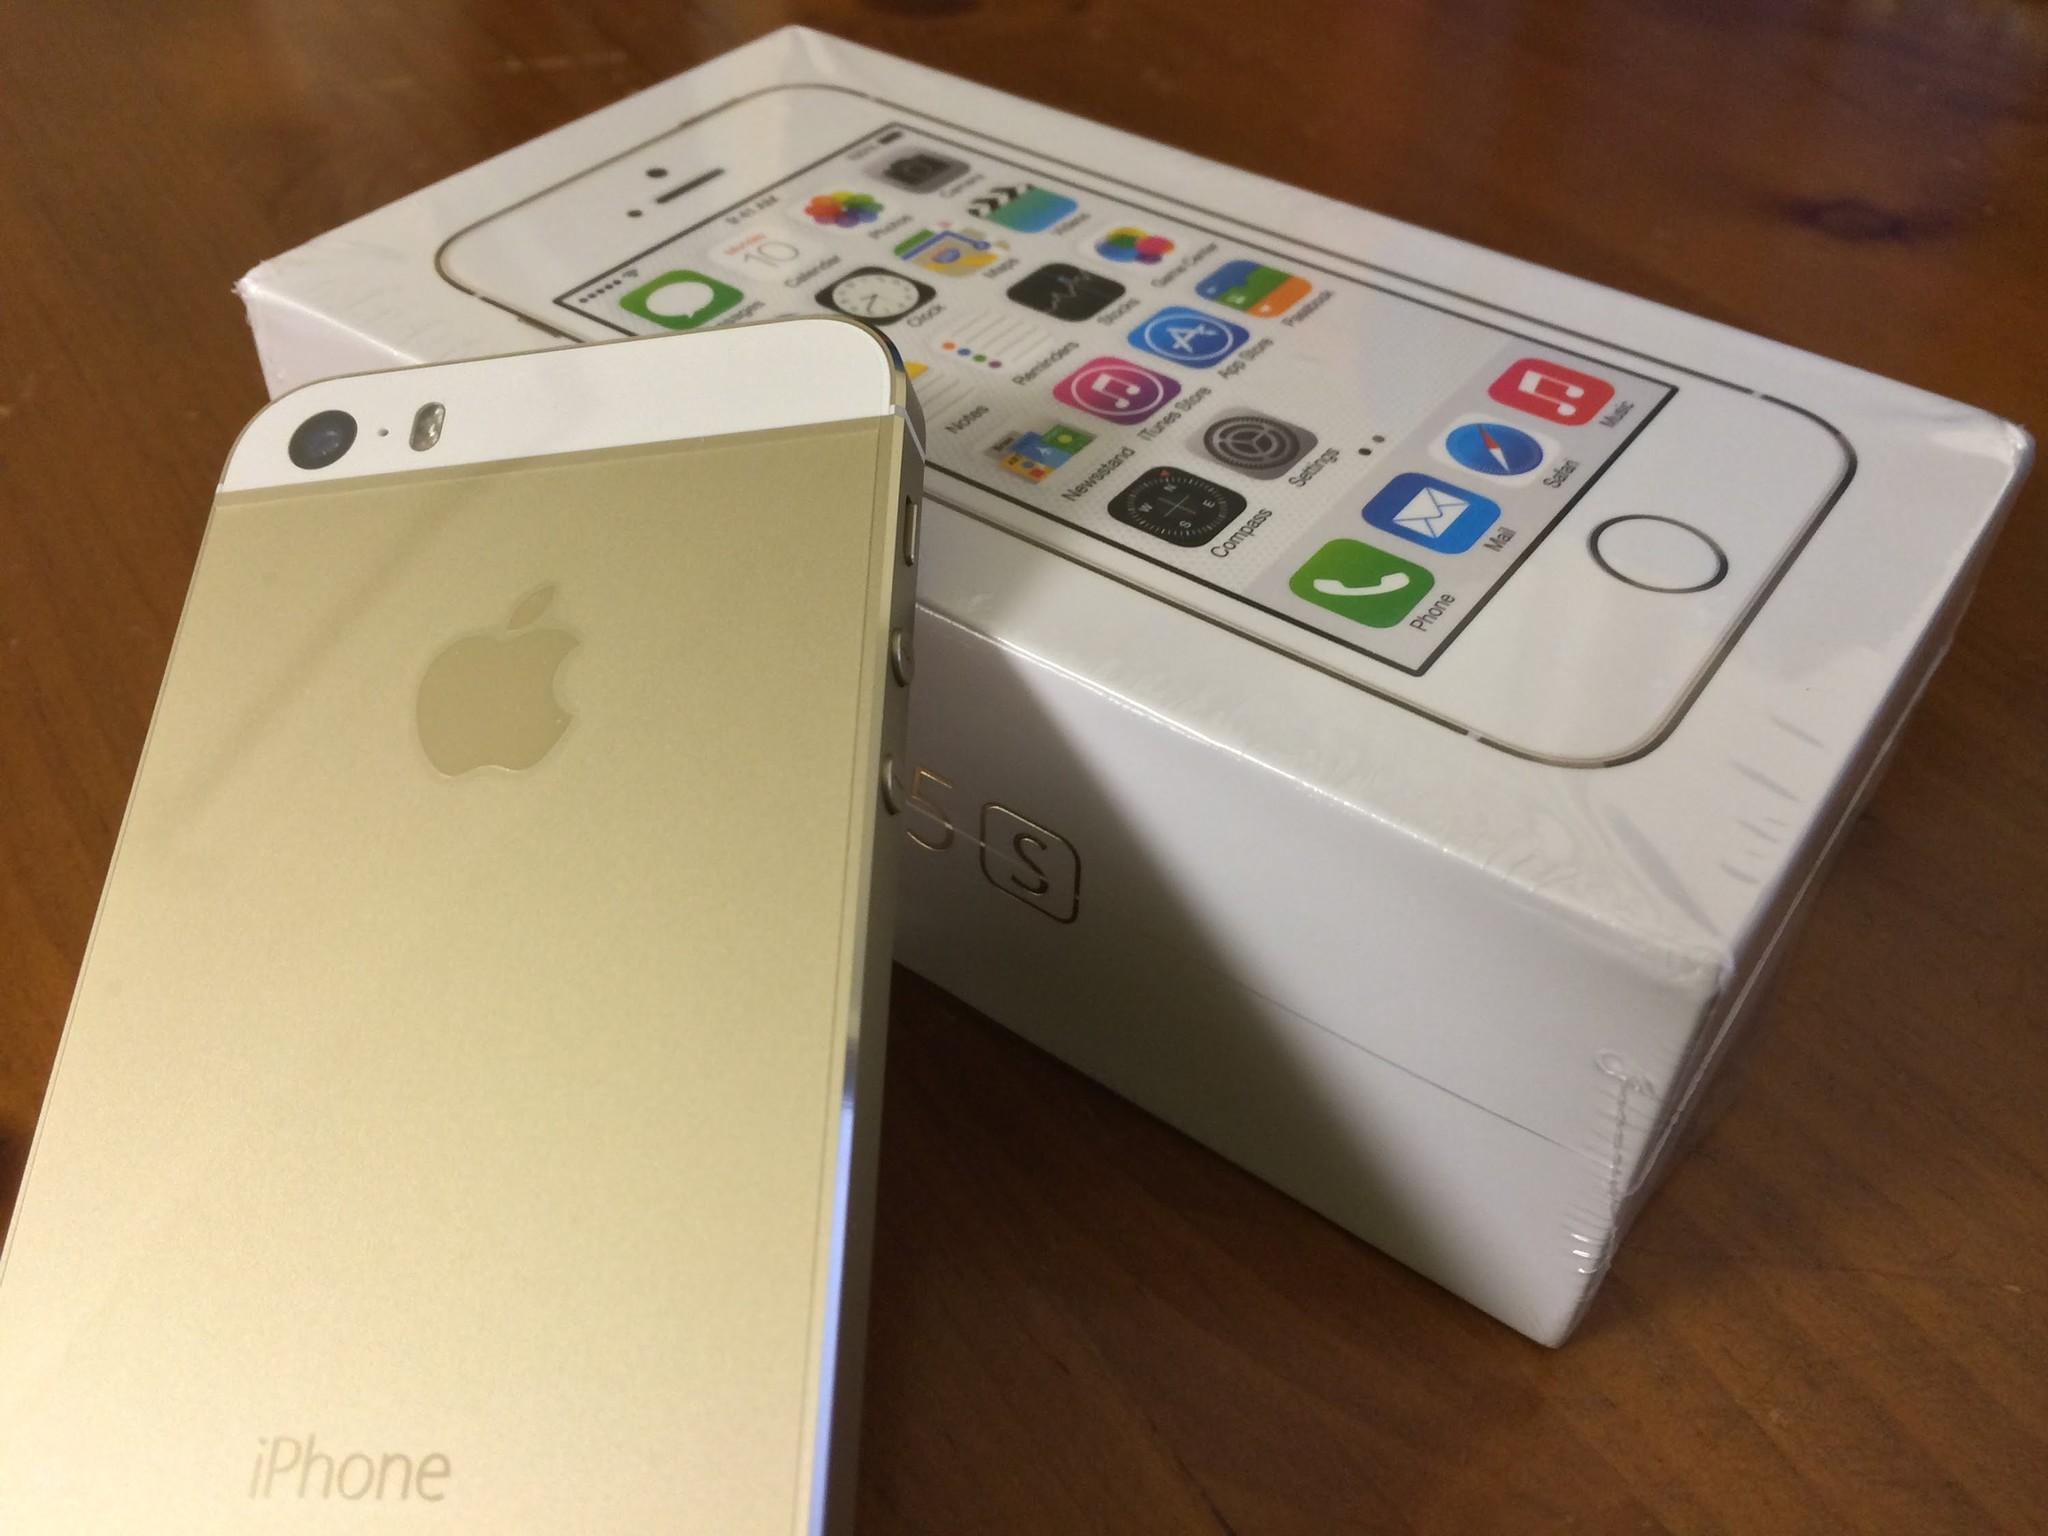 Jual IPHONE 5S 32 GB GOLD GARANSI PLATINUM 1 TAHUN Gudang HP dan Smartphone